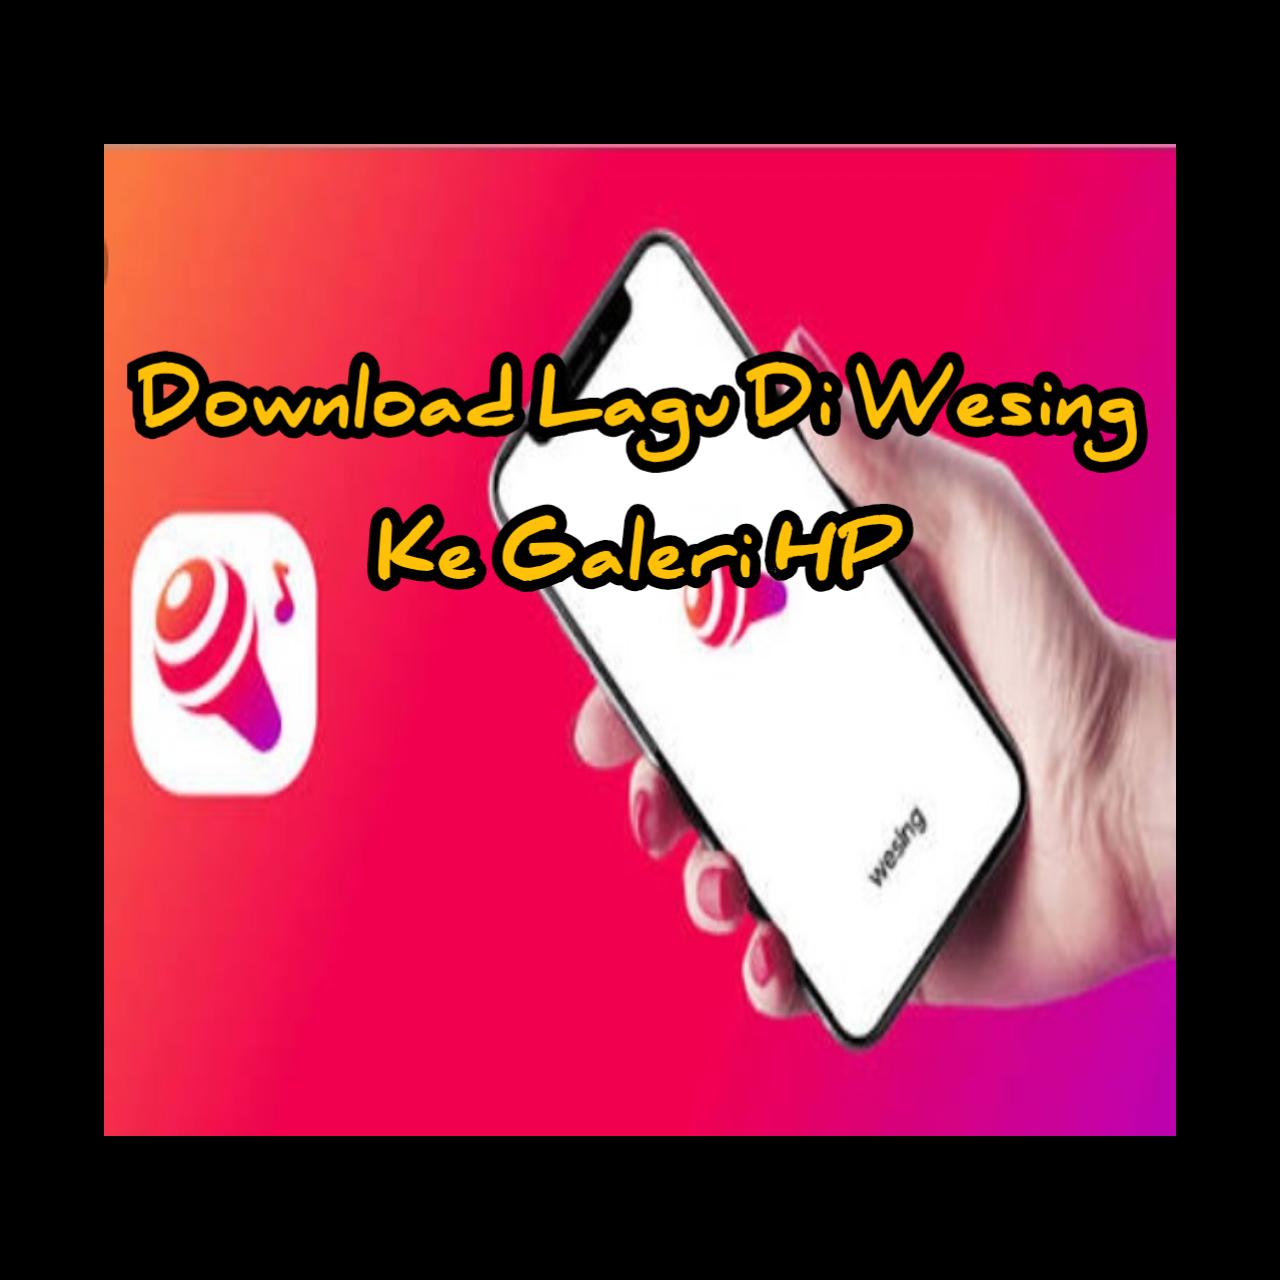 Download Lagu Dari Wesing